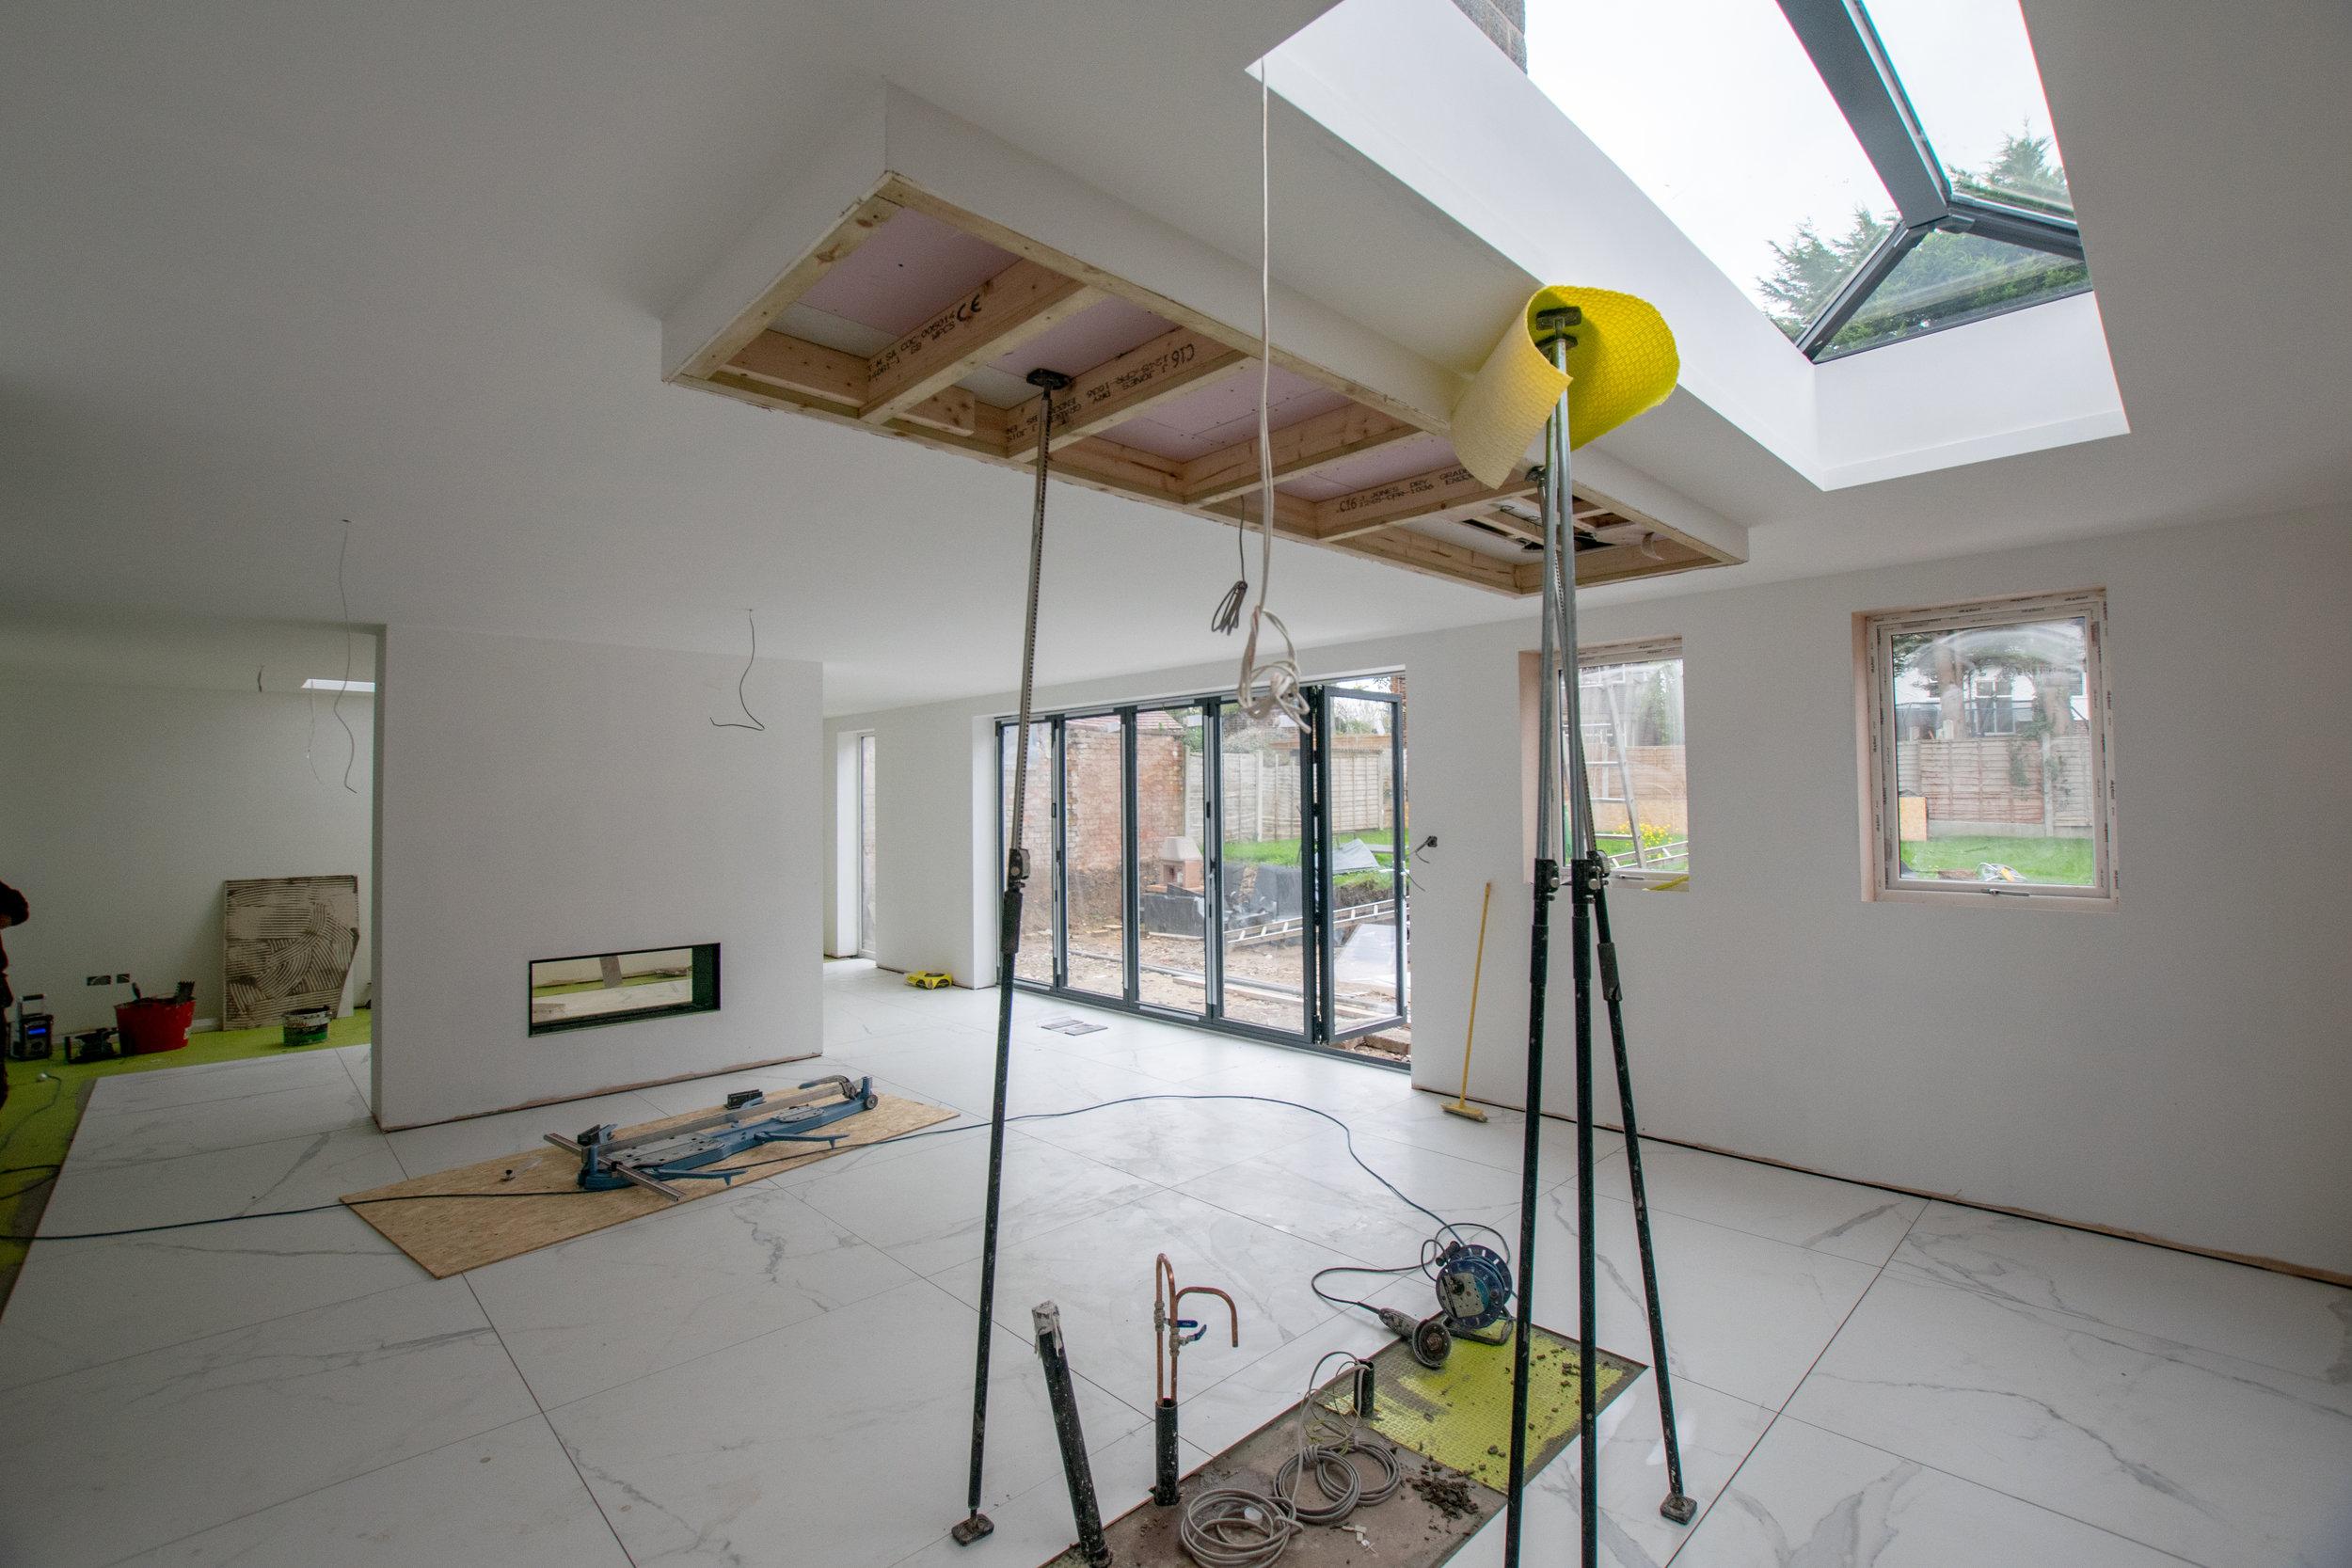 Carter-Zub - Under Construction, Open Plan Living